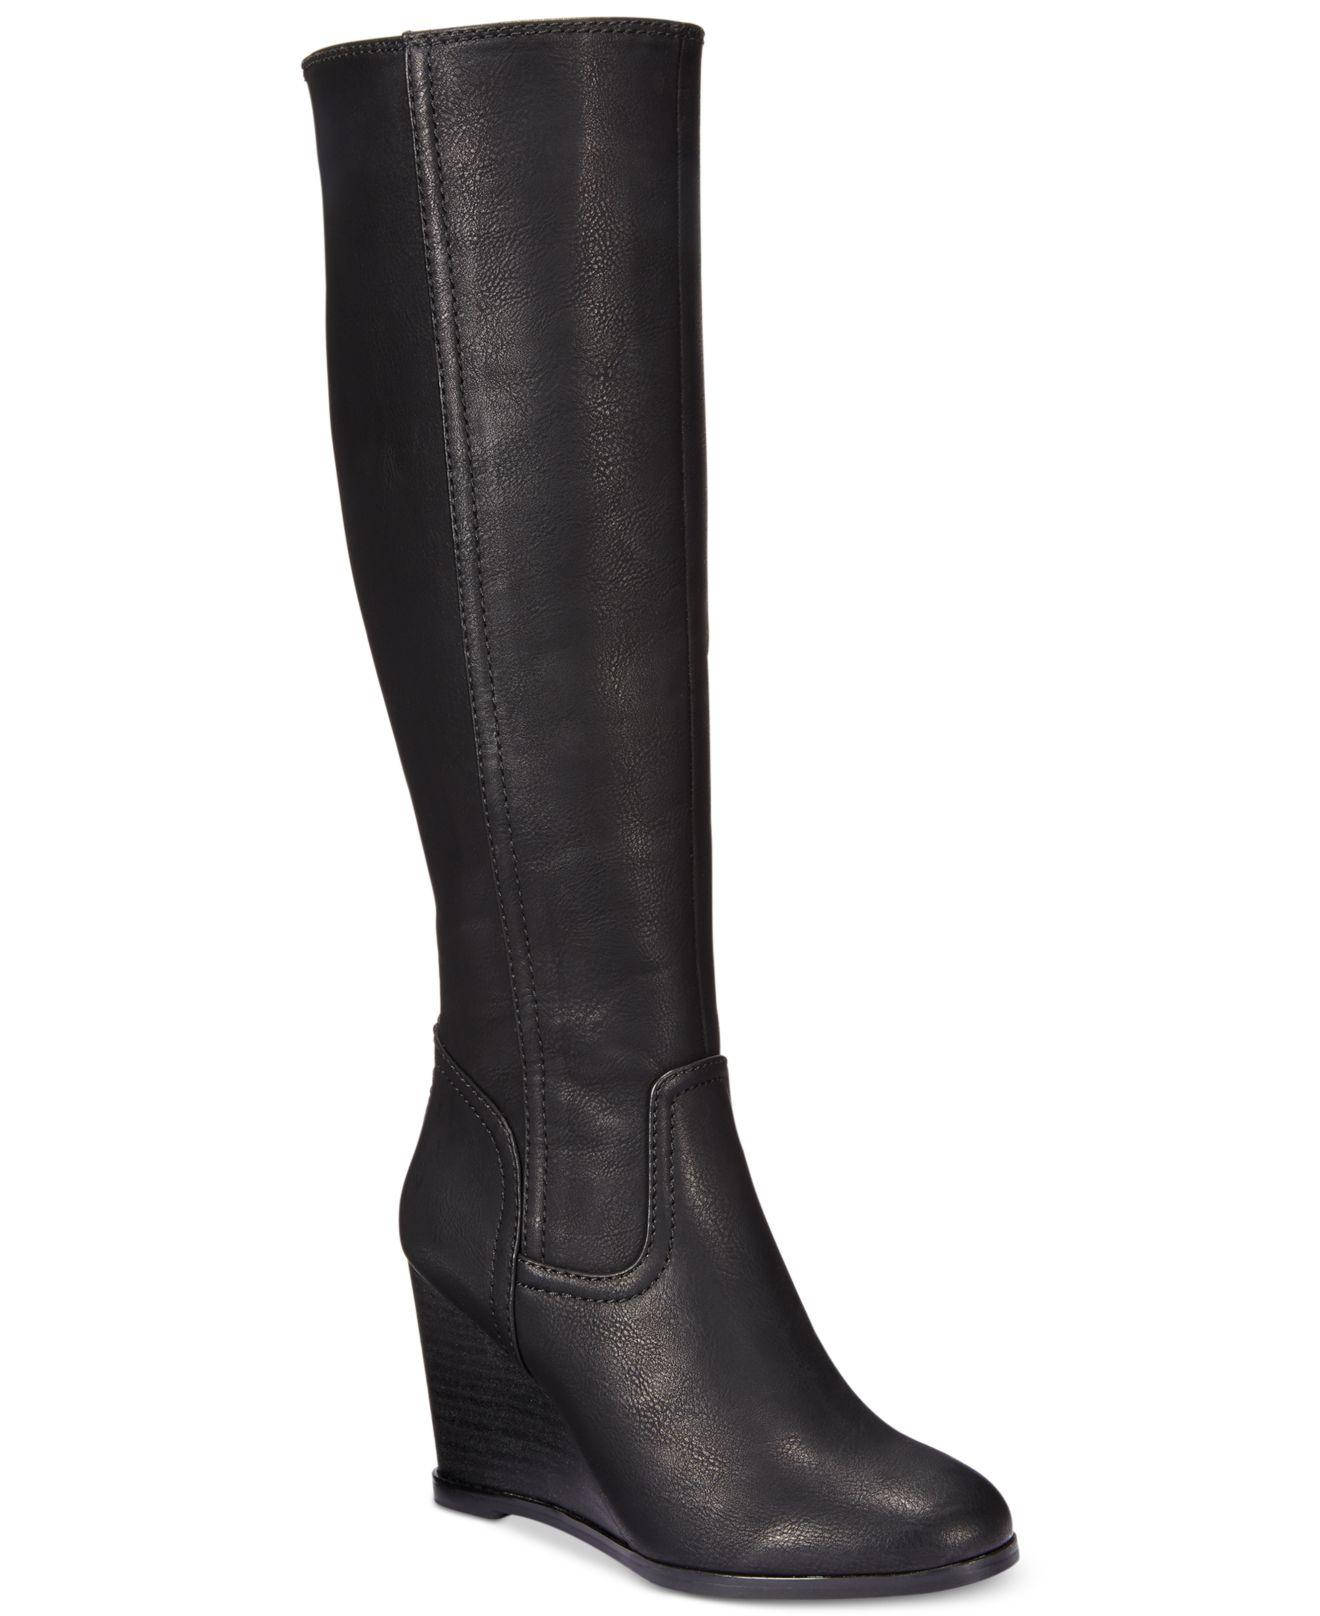 rage henrietta wedge dress boots in black lyst